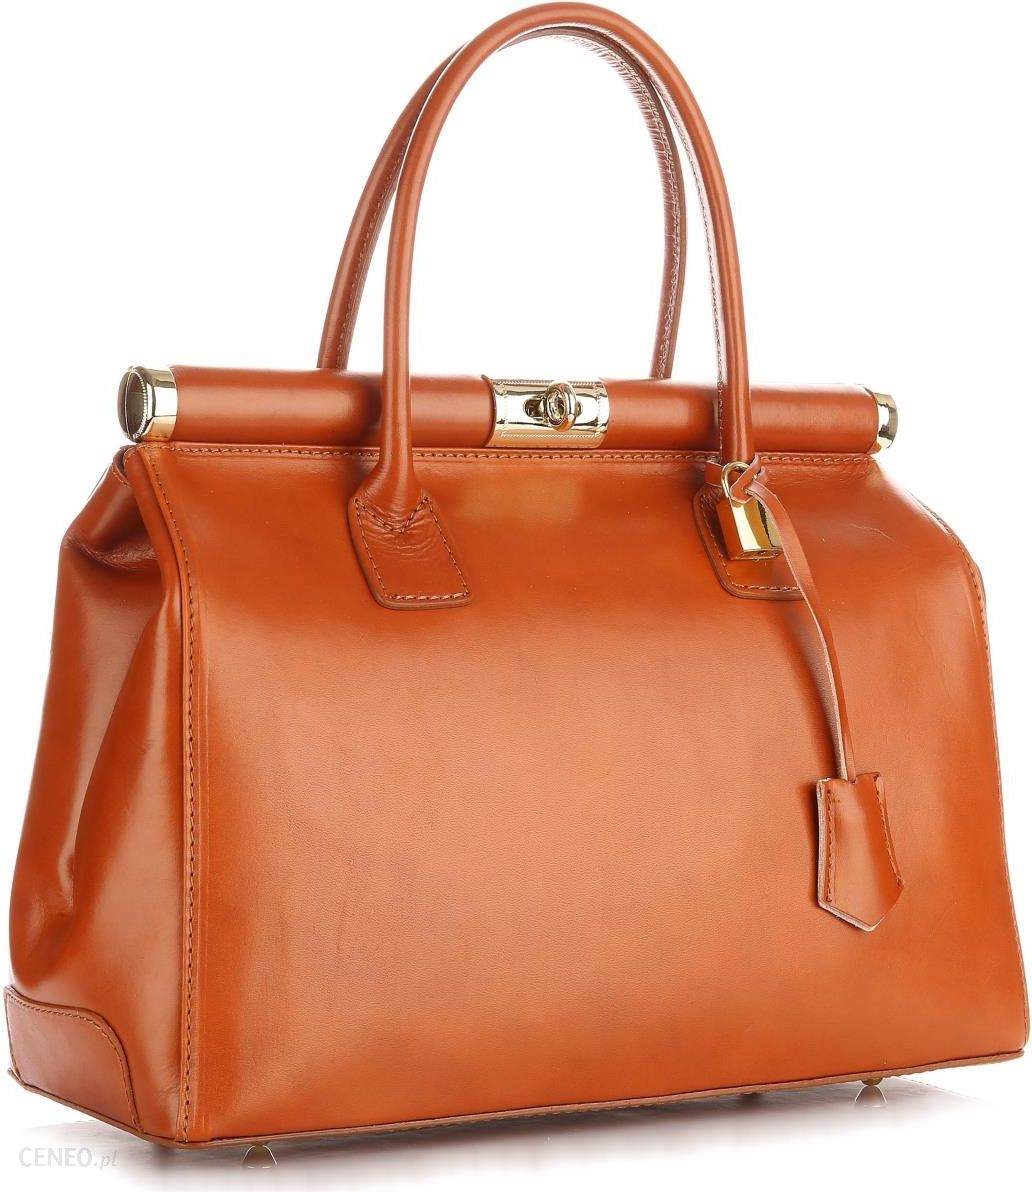 1e9b4efa0692b Włoska Torebka Skórzana Duży Kufer Skóra Licowa Genuine Leather Rudy  (kolory) - zdjęcie 1